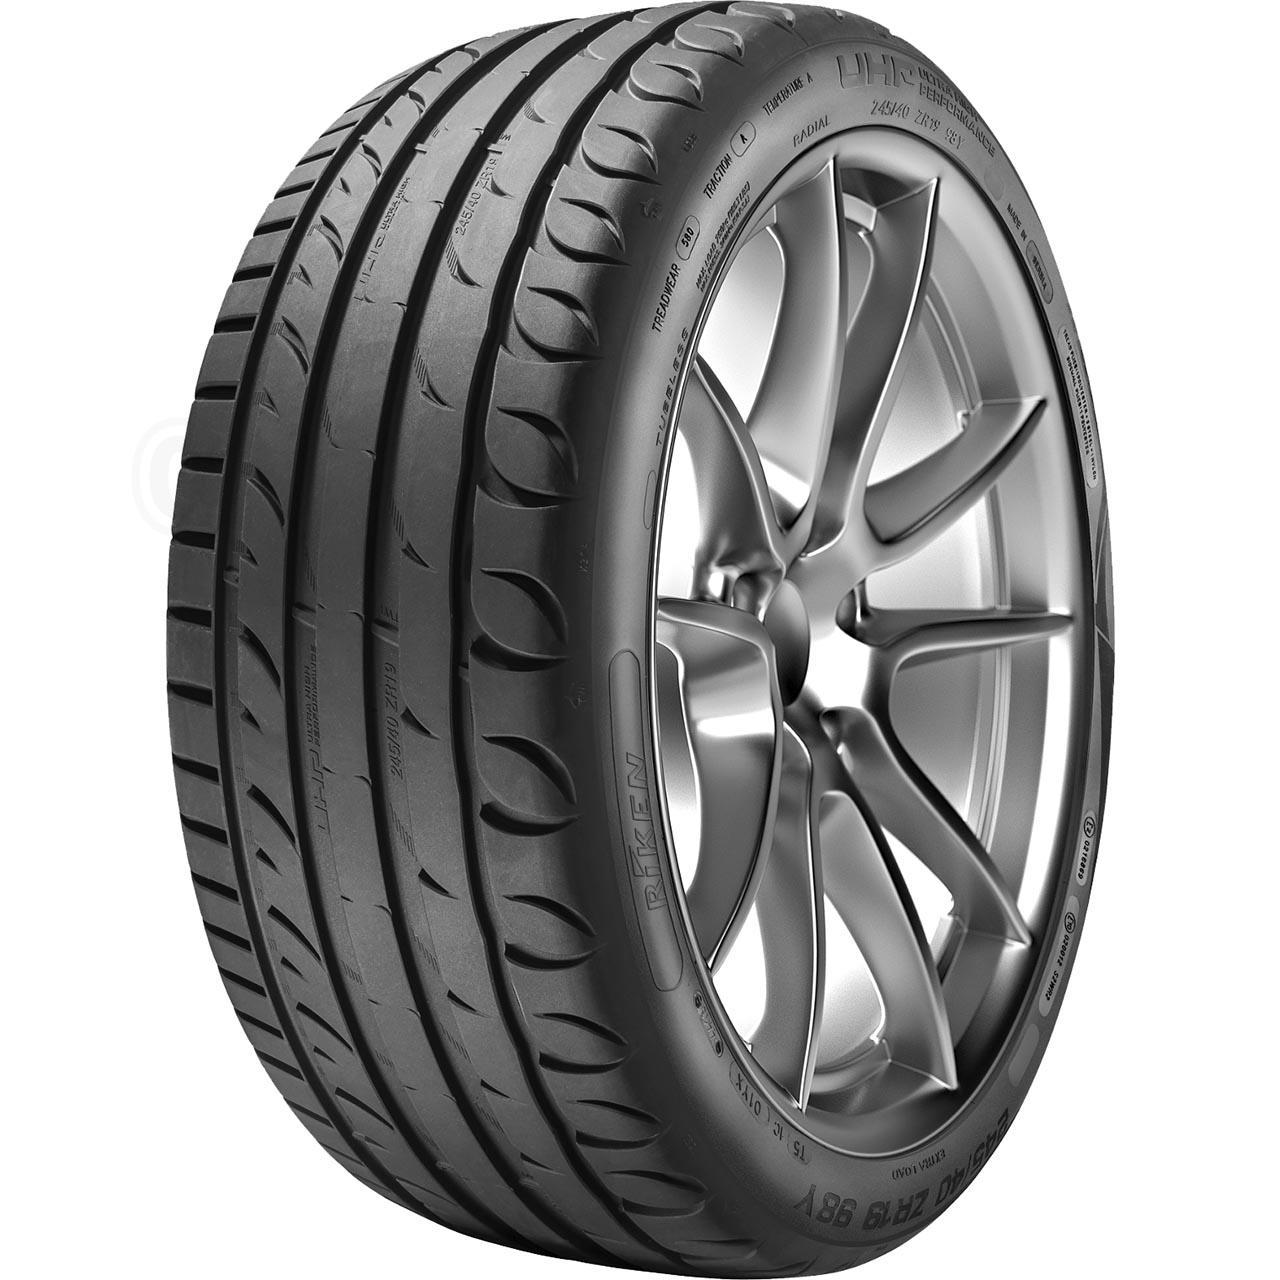 Riken Riken Ultra High Performance 215/50R17 95W ULTRA HIGH PERFORMANCE XL